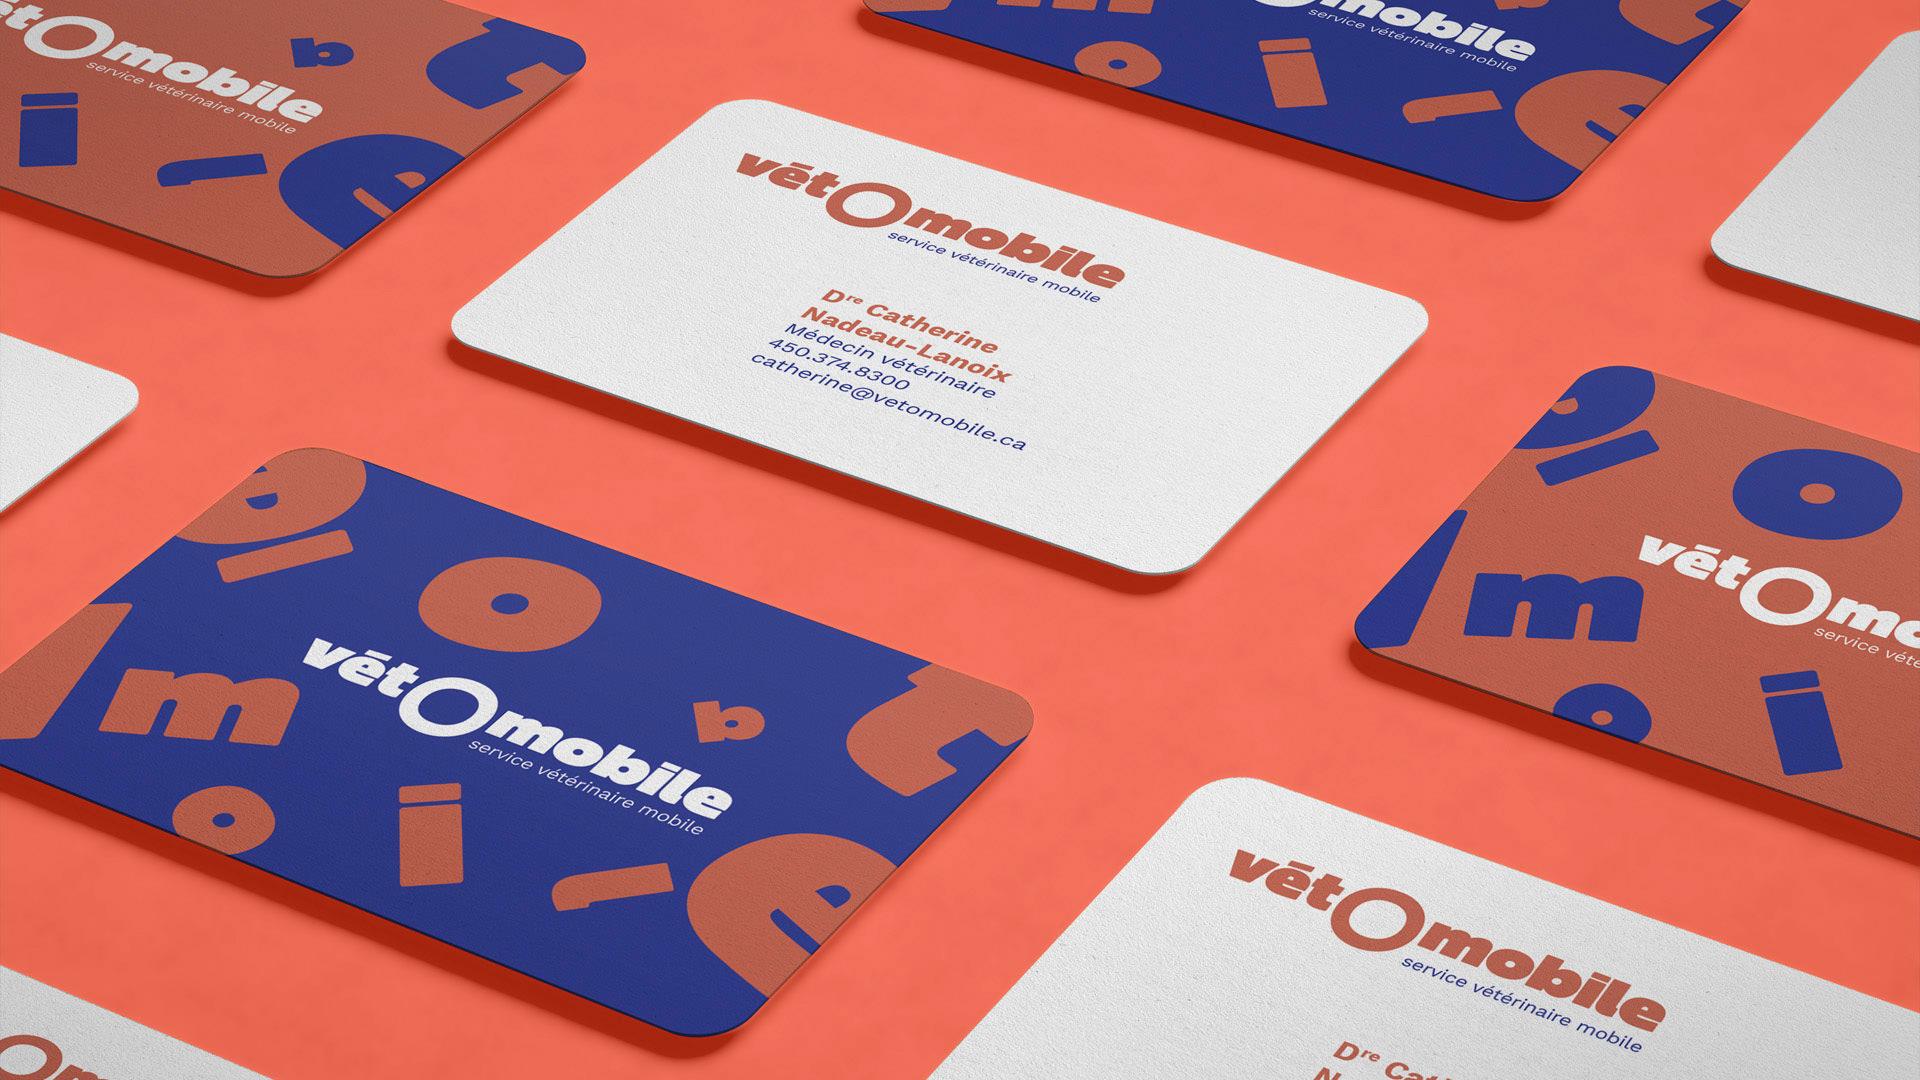 Design graphique de cartes d'affaire - Page Projets - Vétomobile